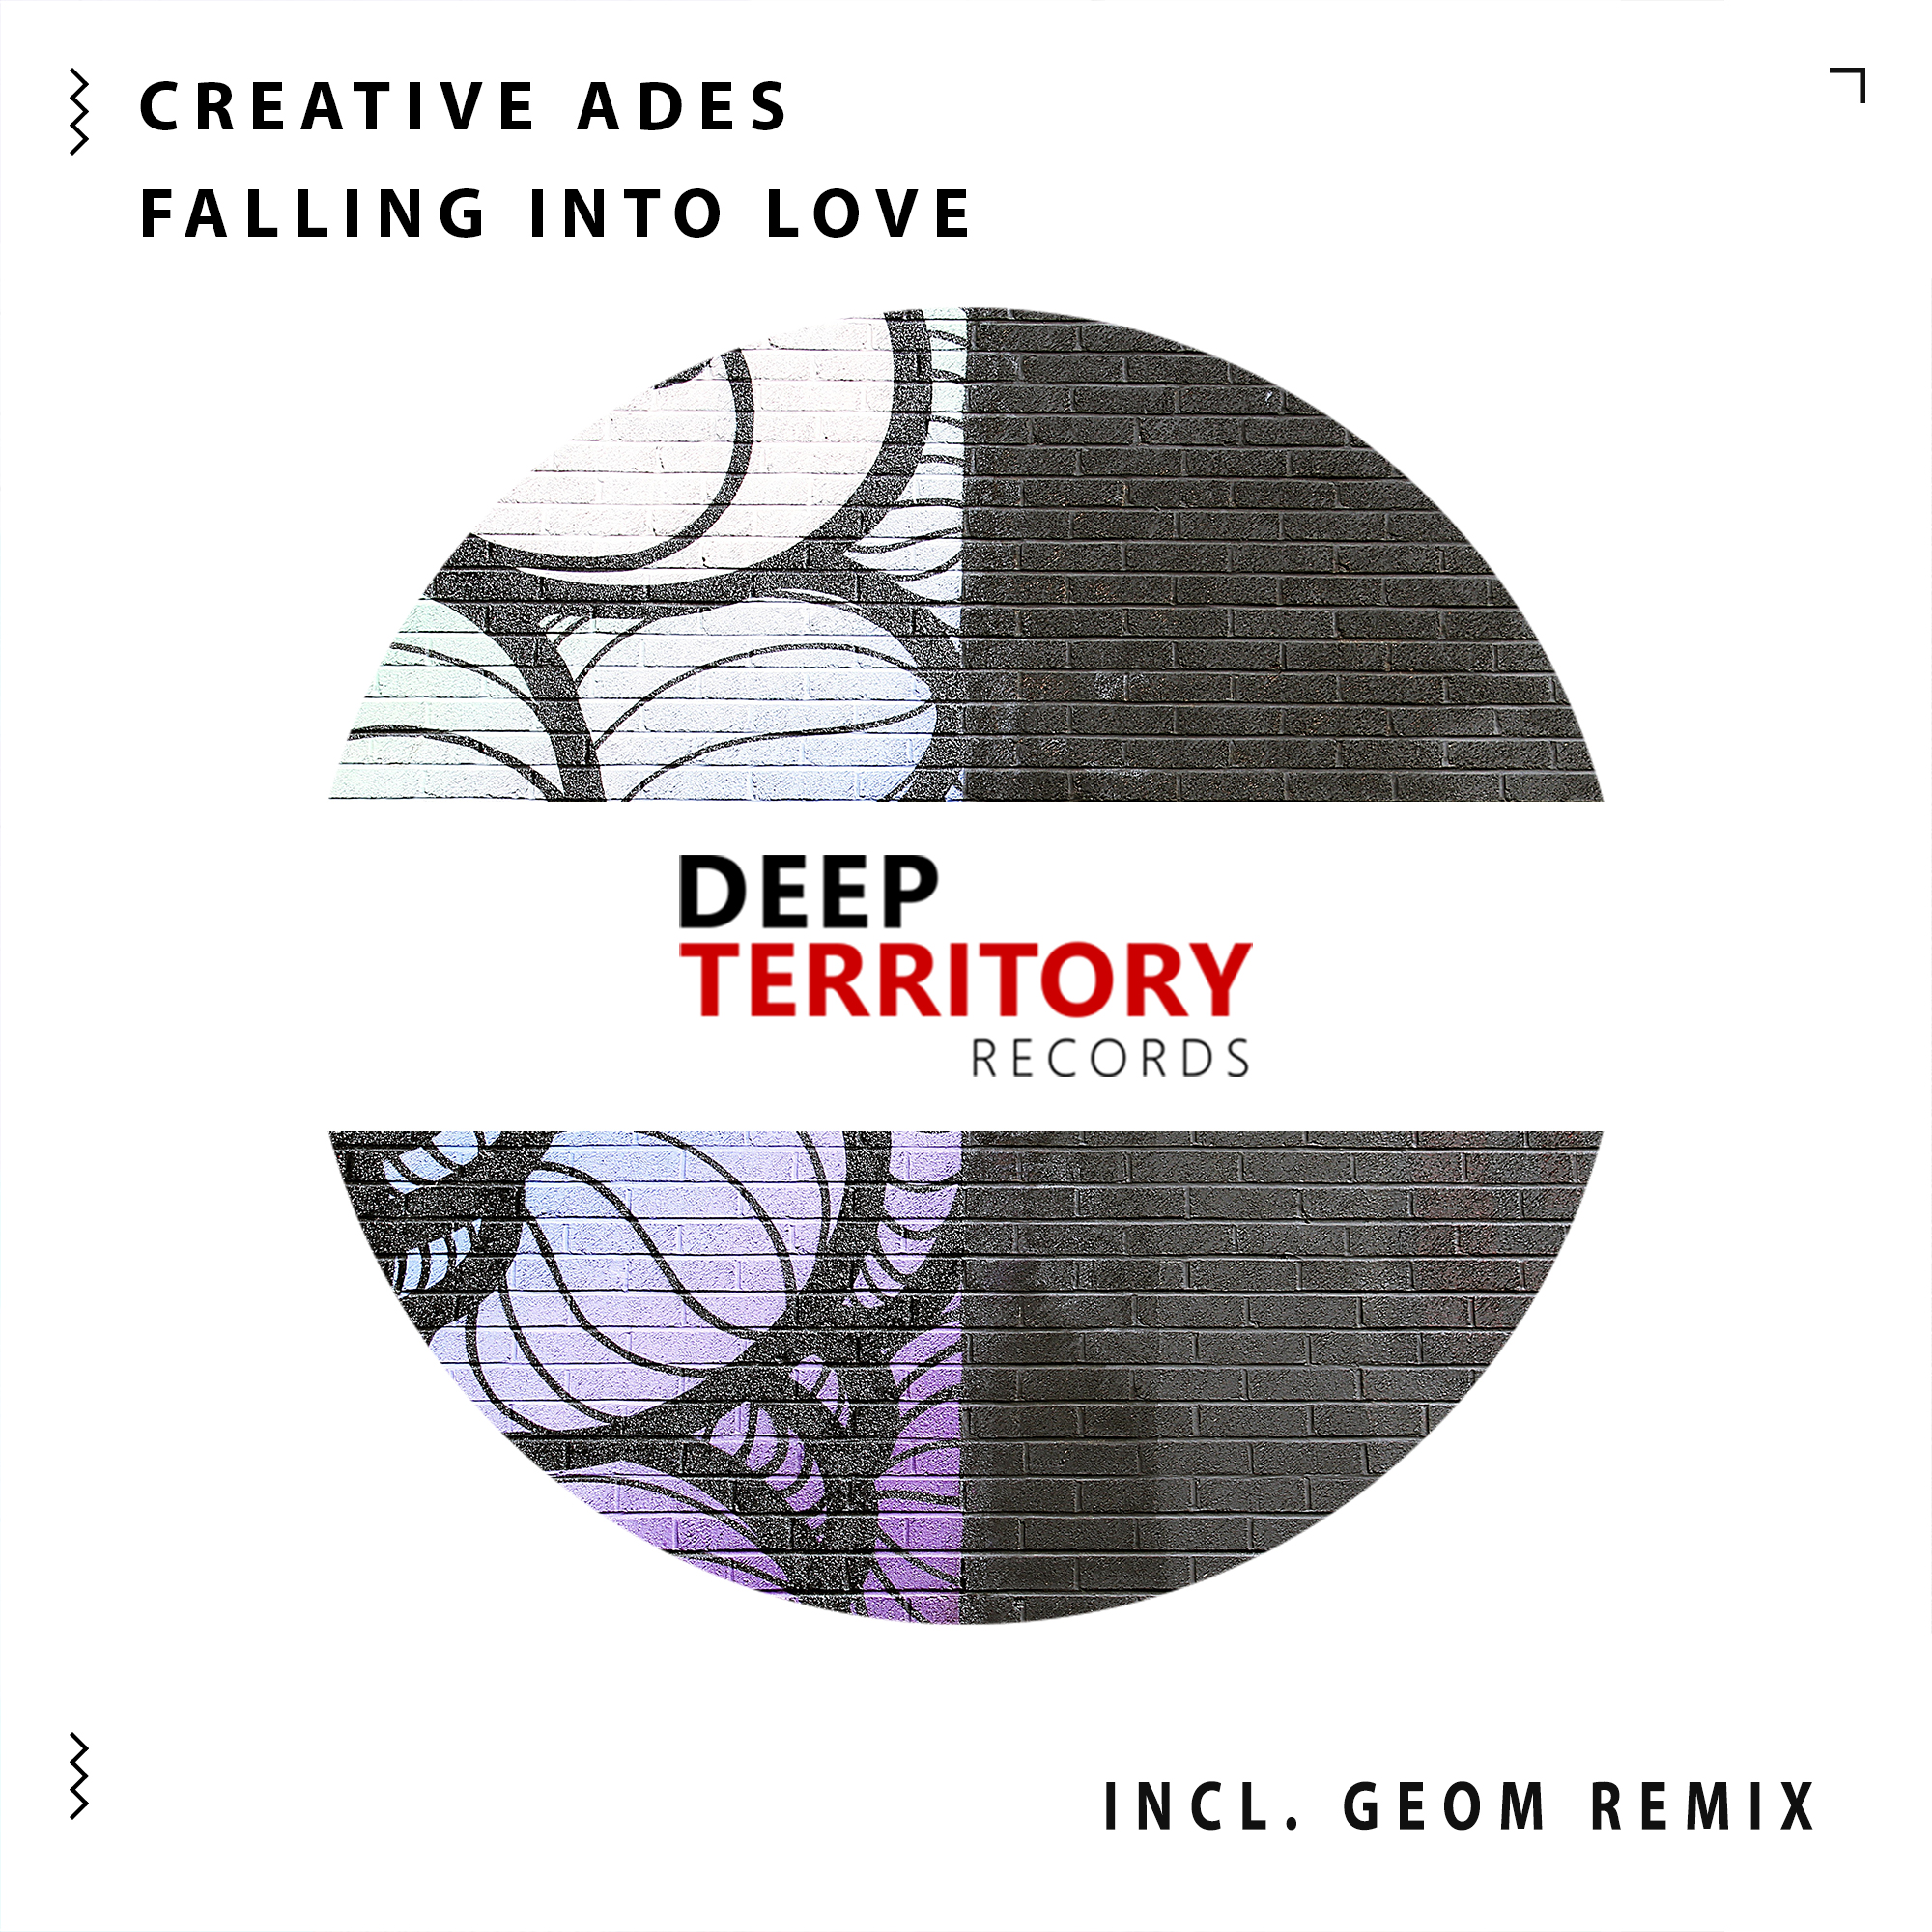 Creative Ades